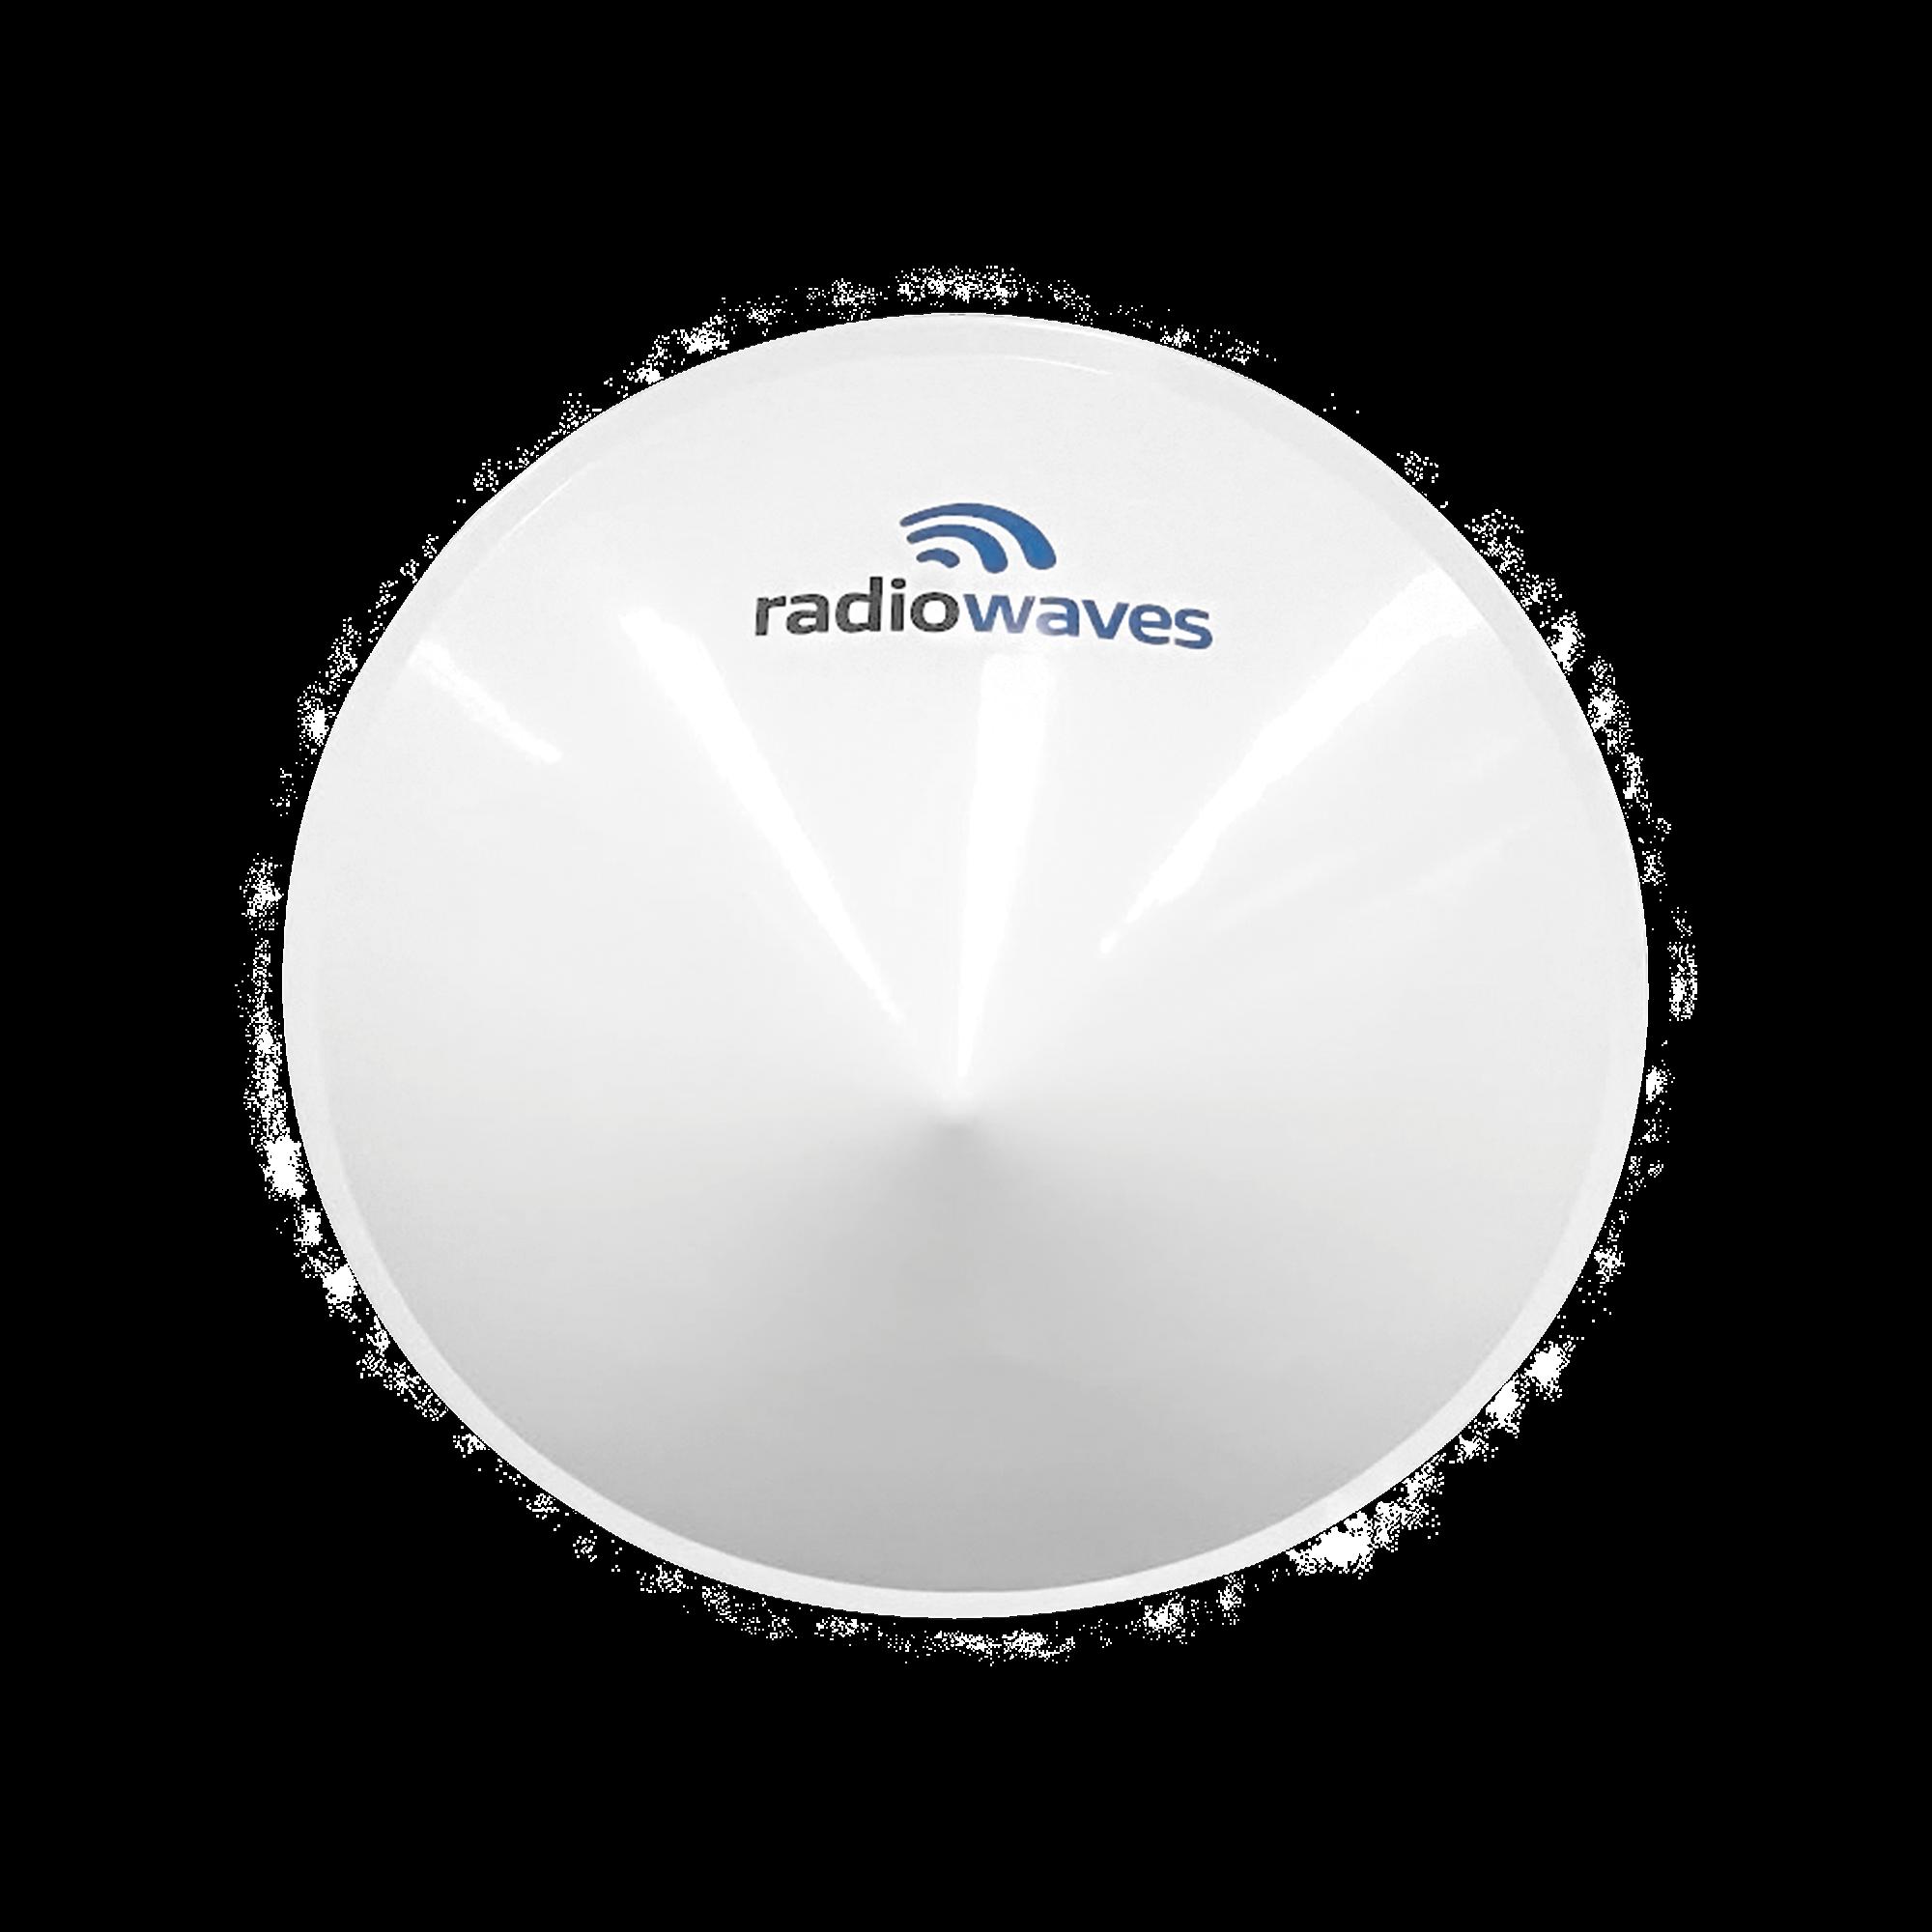 Radomo para antenas SPD4-5.9NS, SPD4-5.2NS, Dimensiones (4 ft), Reduce la carga de viento y mejora la estabilidad del enlace